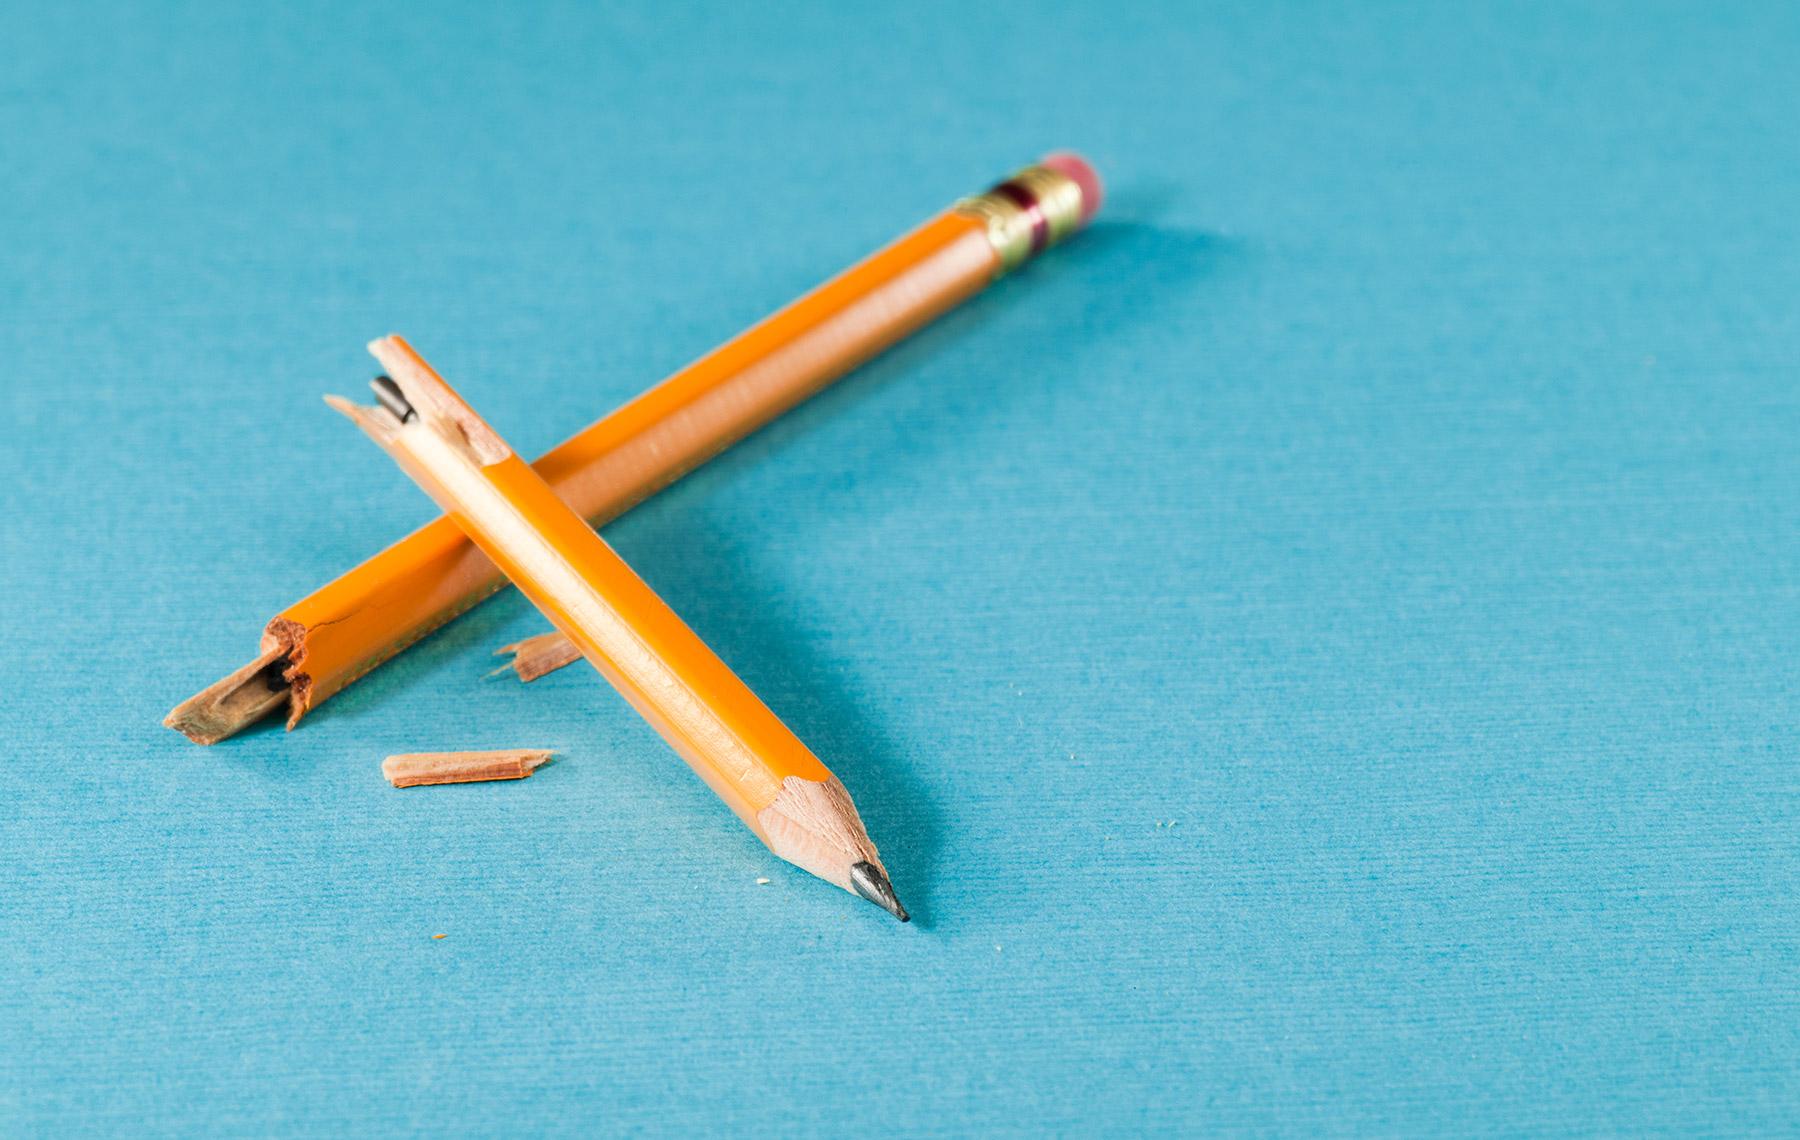 Boken pencil